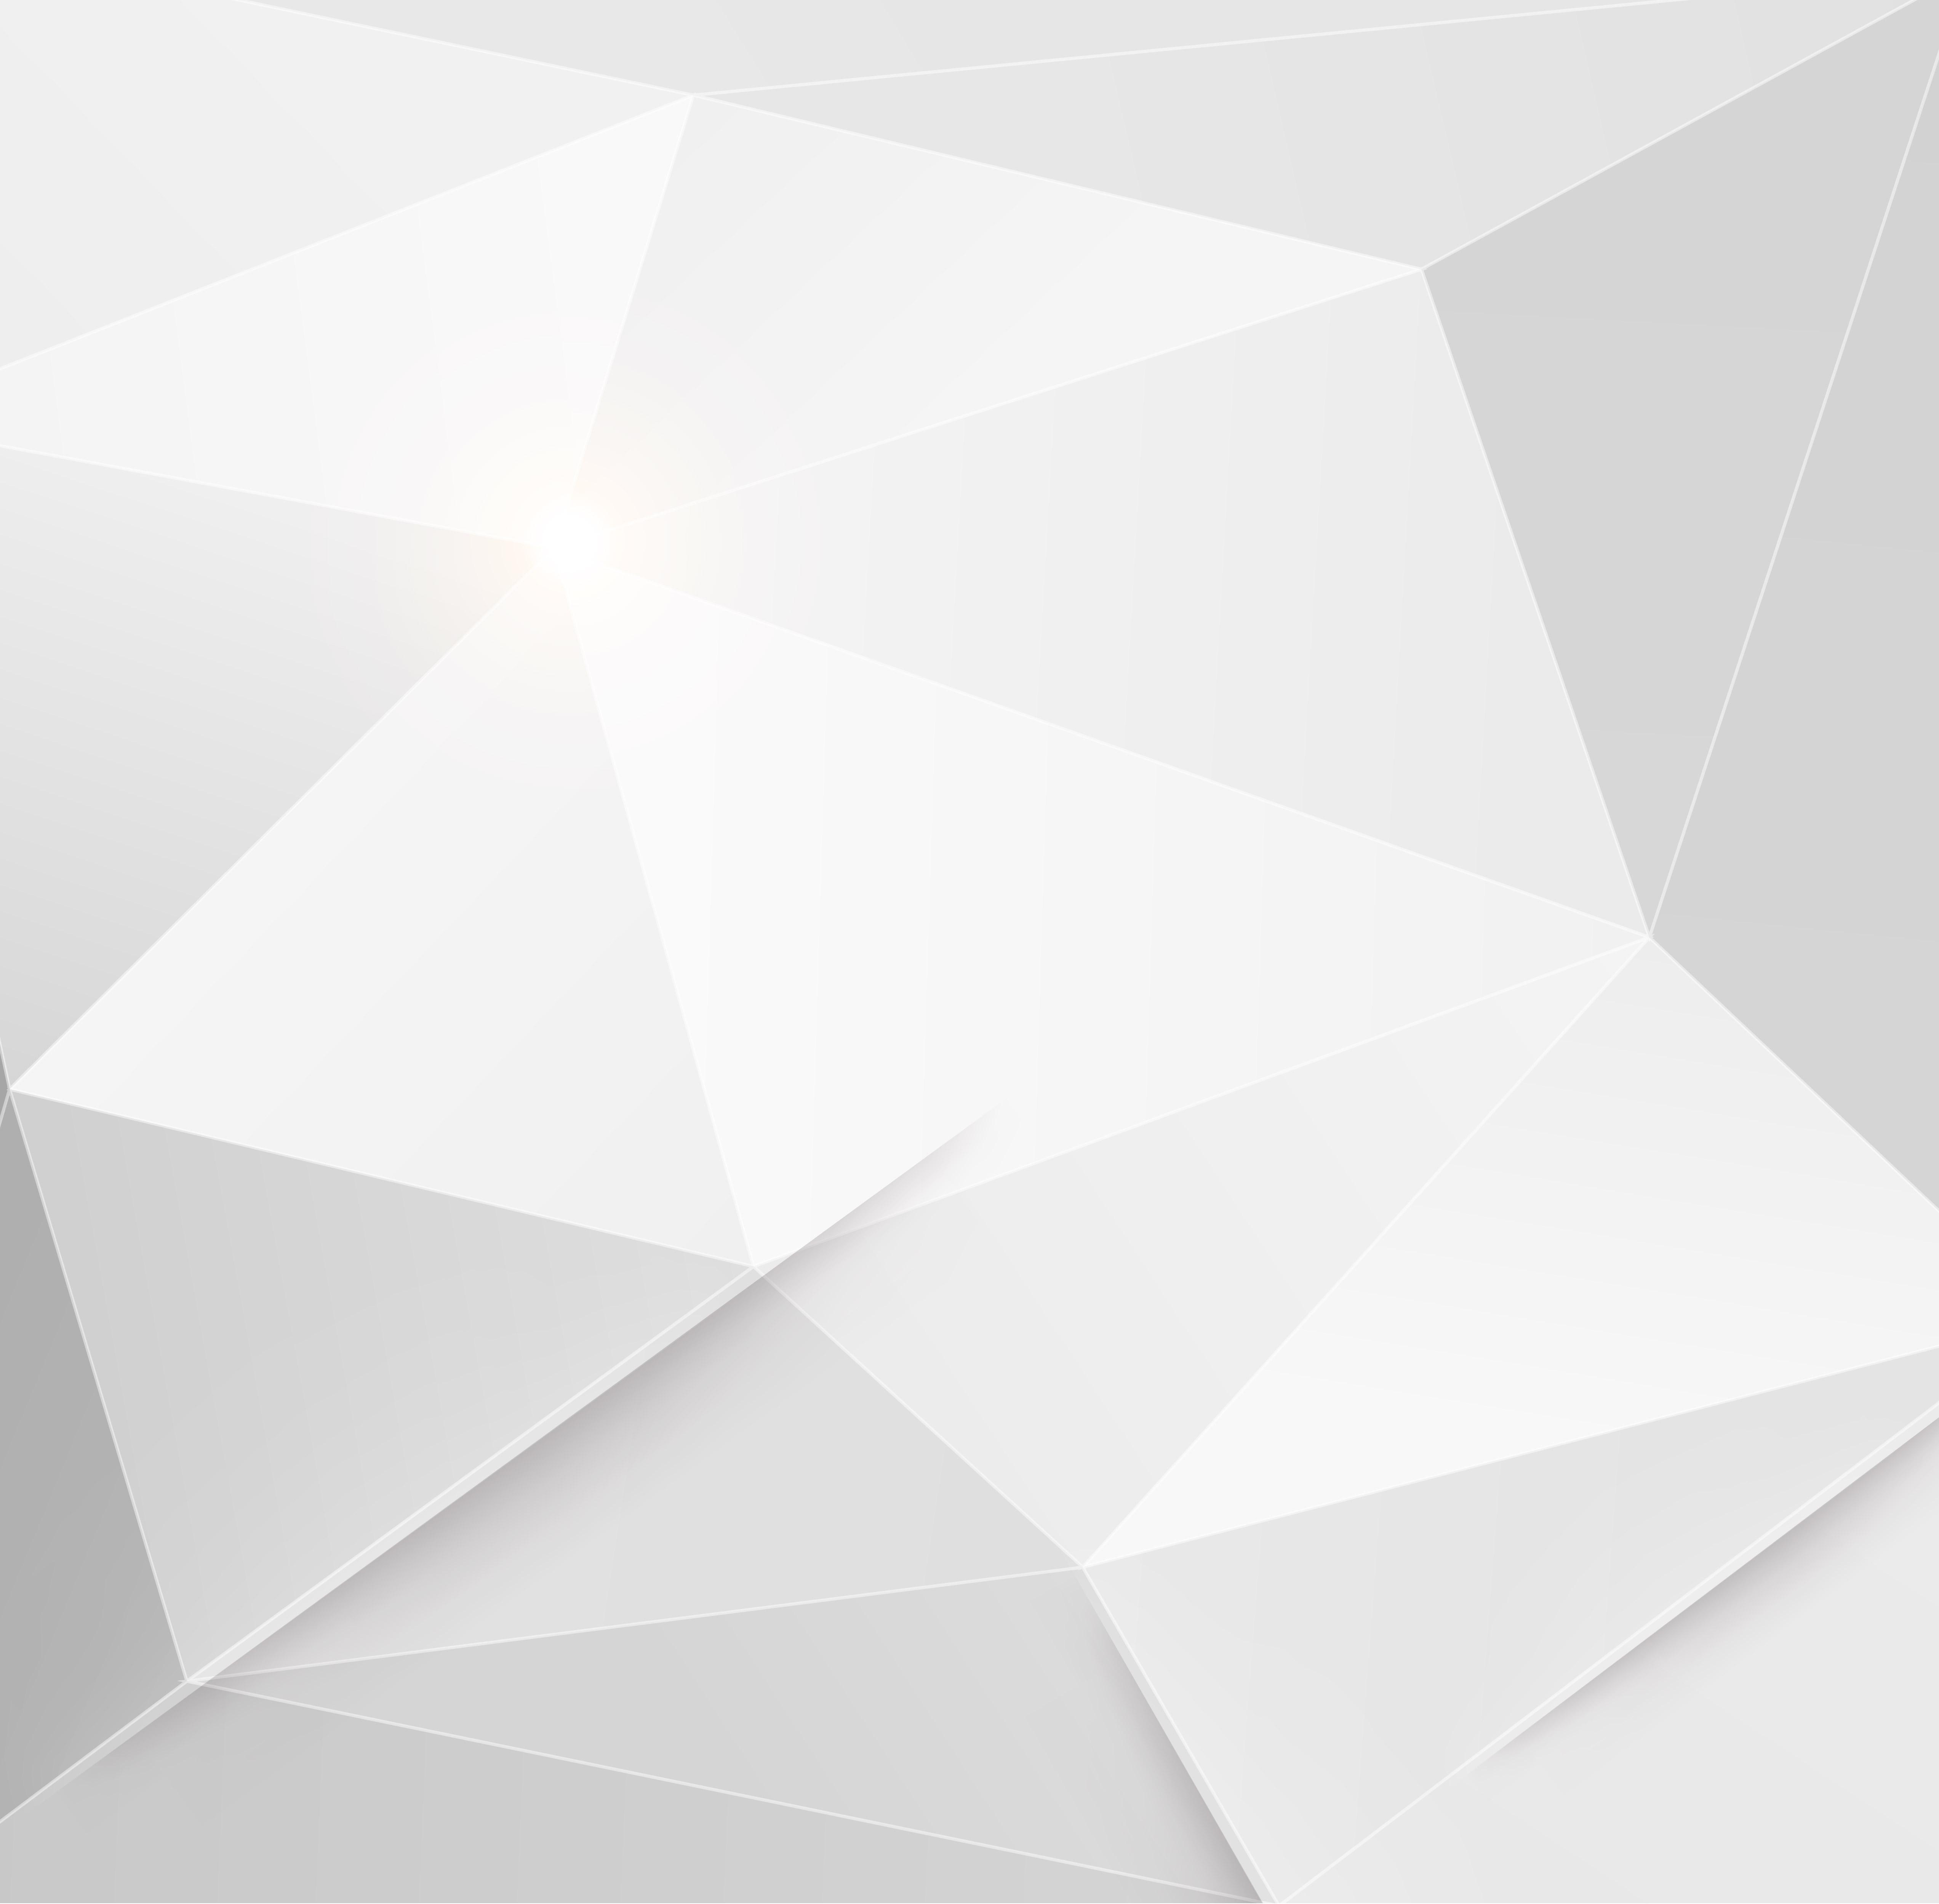 conception sch u00e9ma mosa u00efque graphique contexte 3d papier